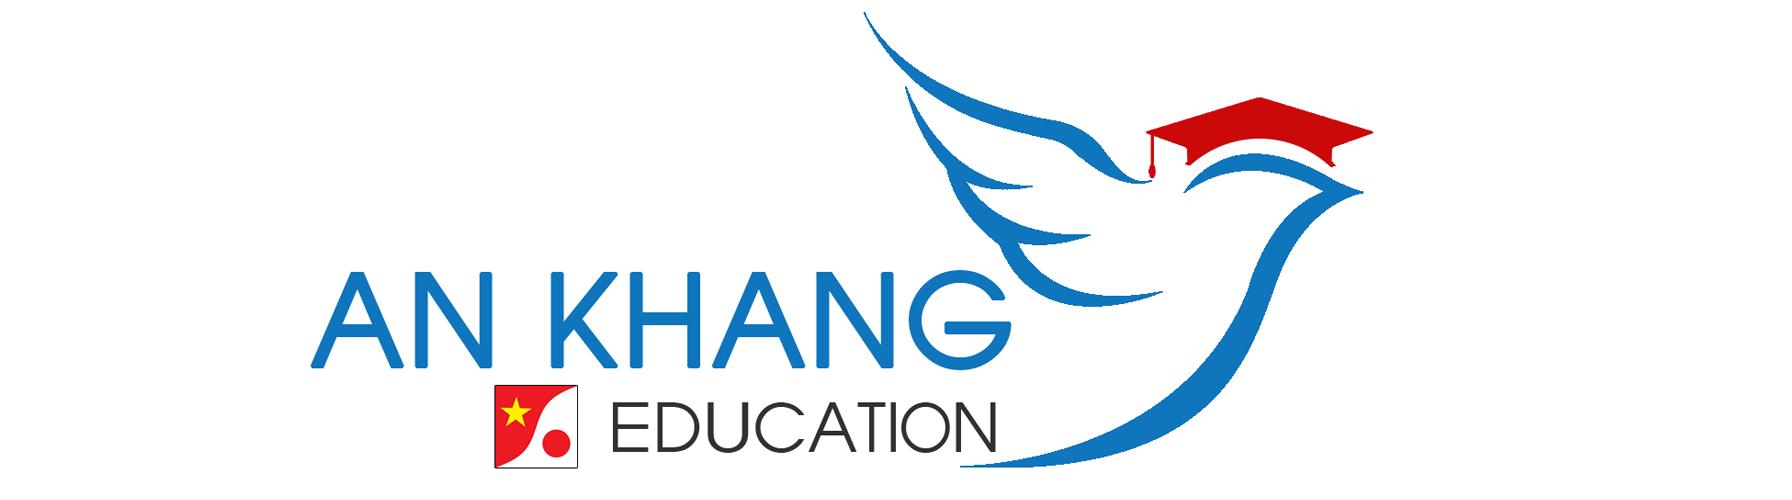 Du học An Khang